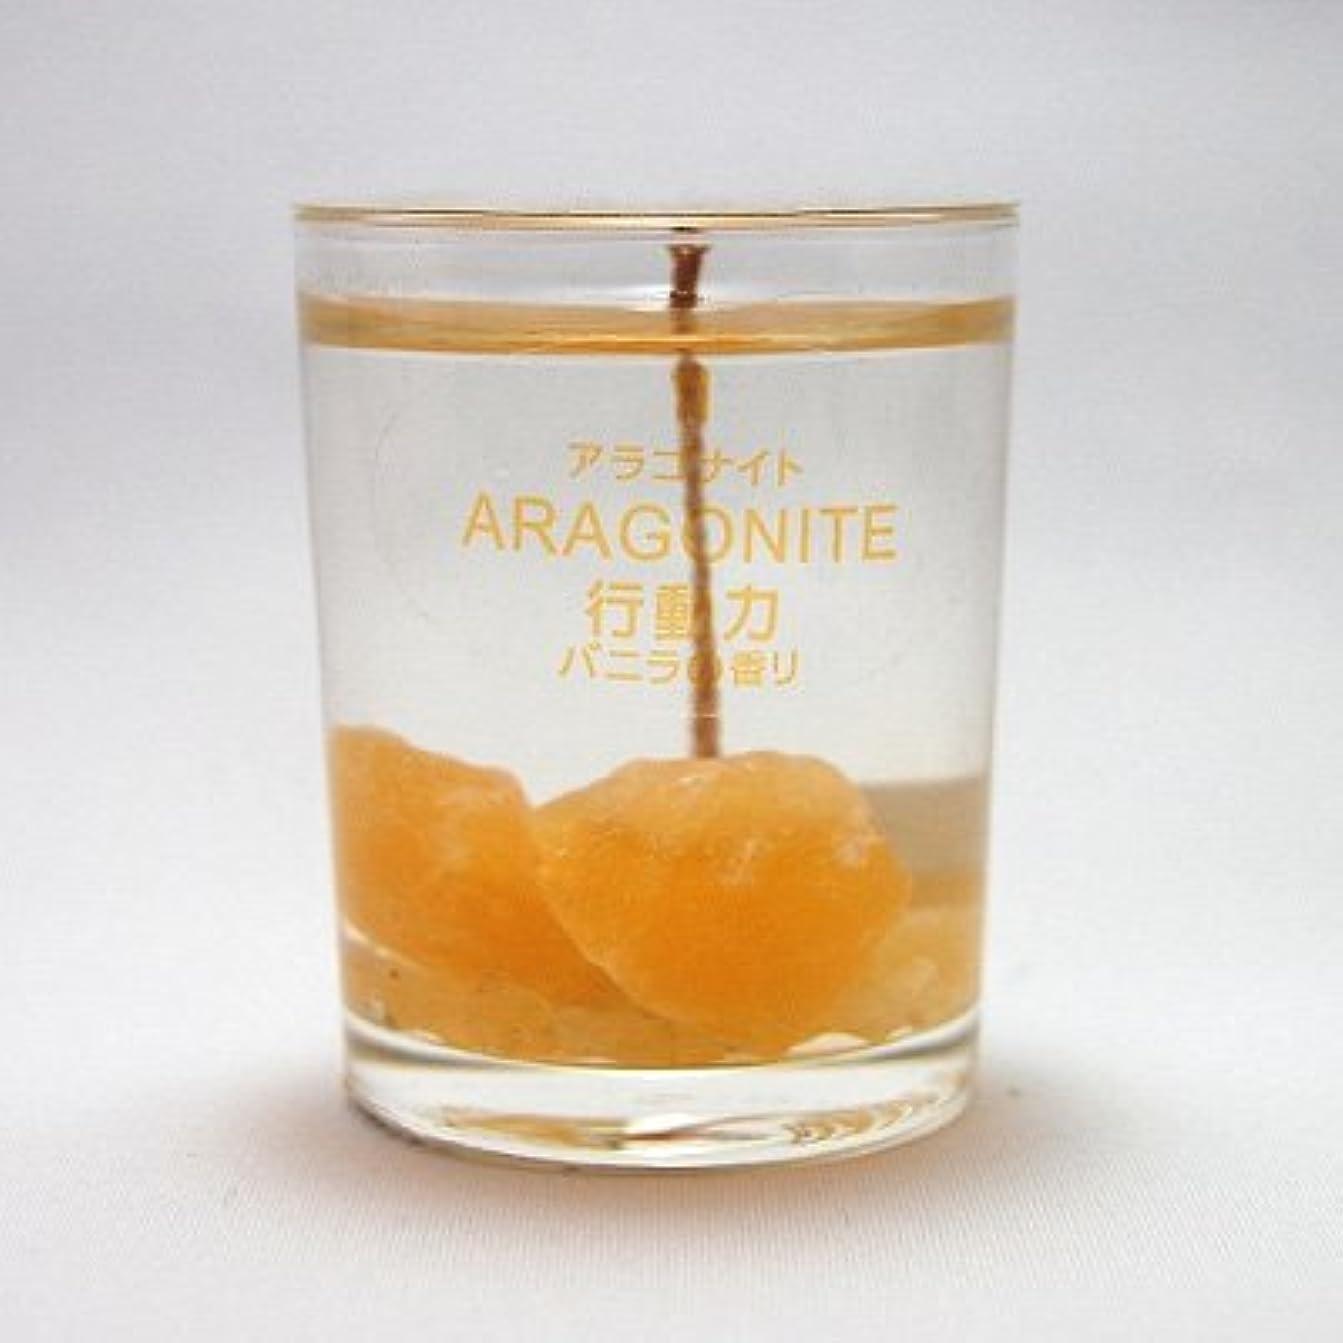 機転冷える明らかにアロマ ストーン キャンドル ( アラゴナイト )